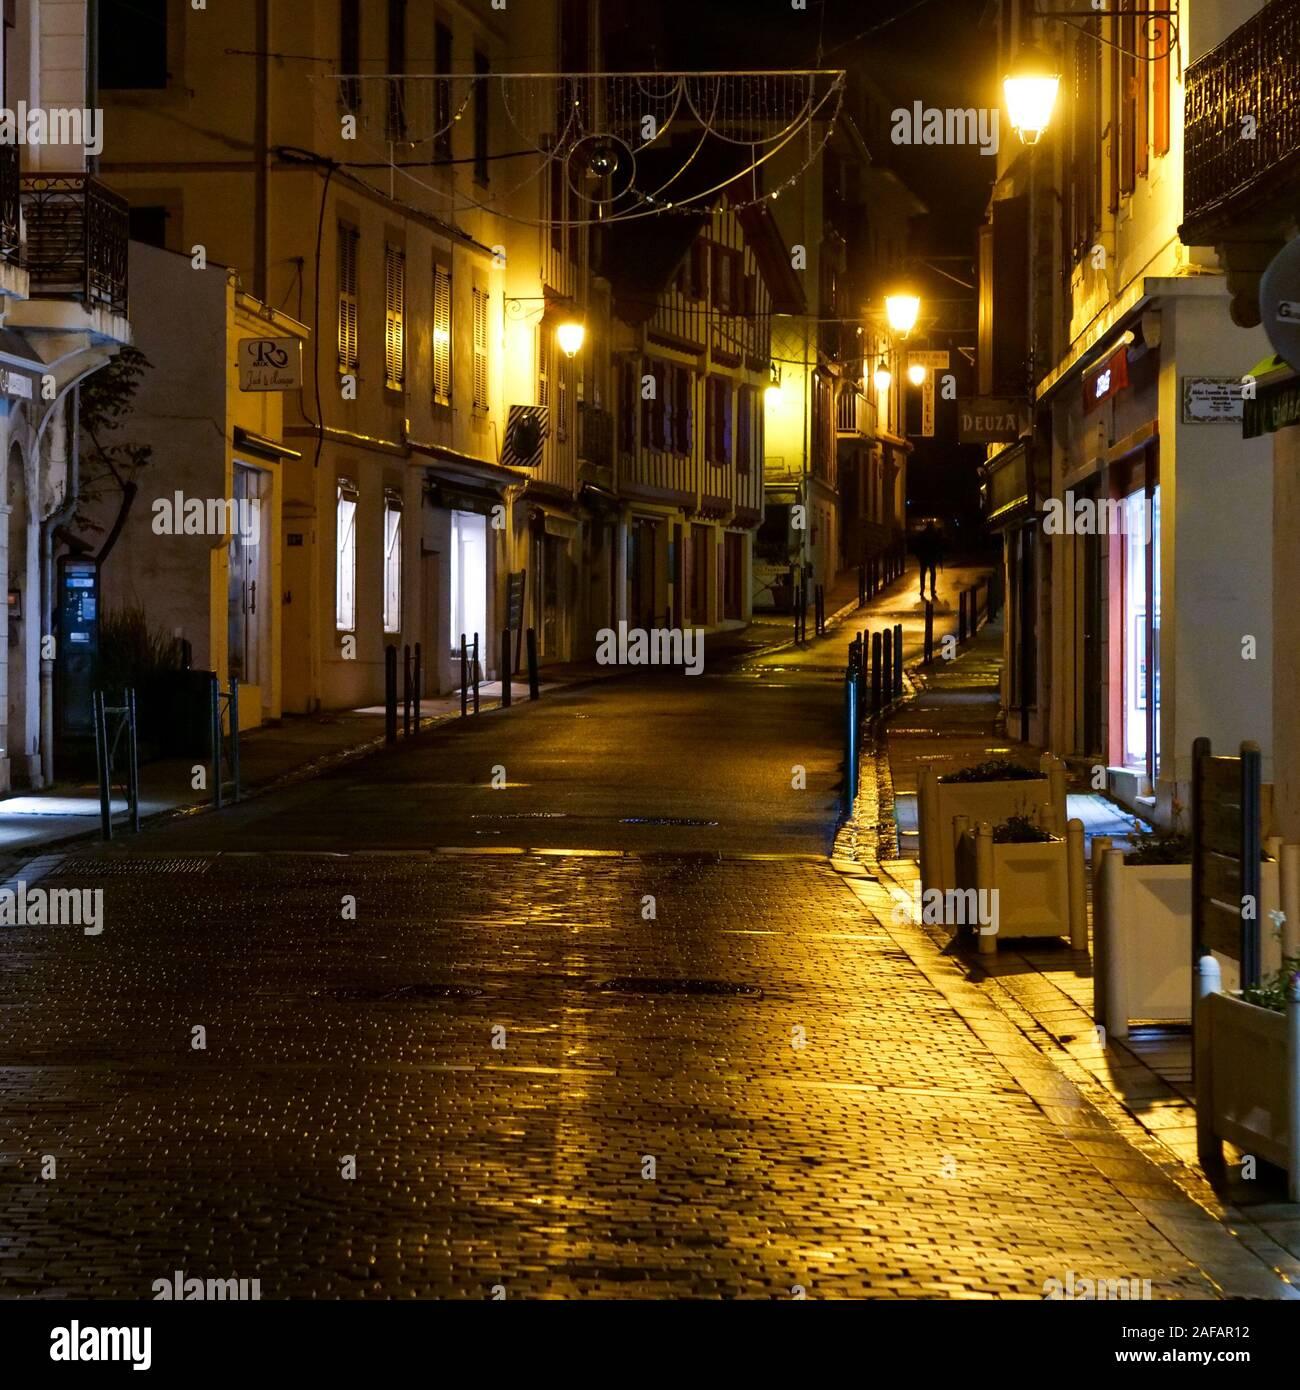 La vista de noche en las calles de Saint-Jean de Luz, Pirineos Atlánticos, Francia Foto de stock